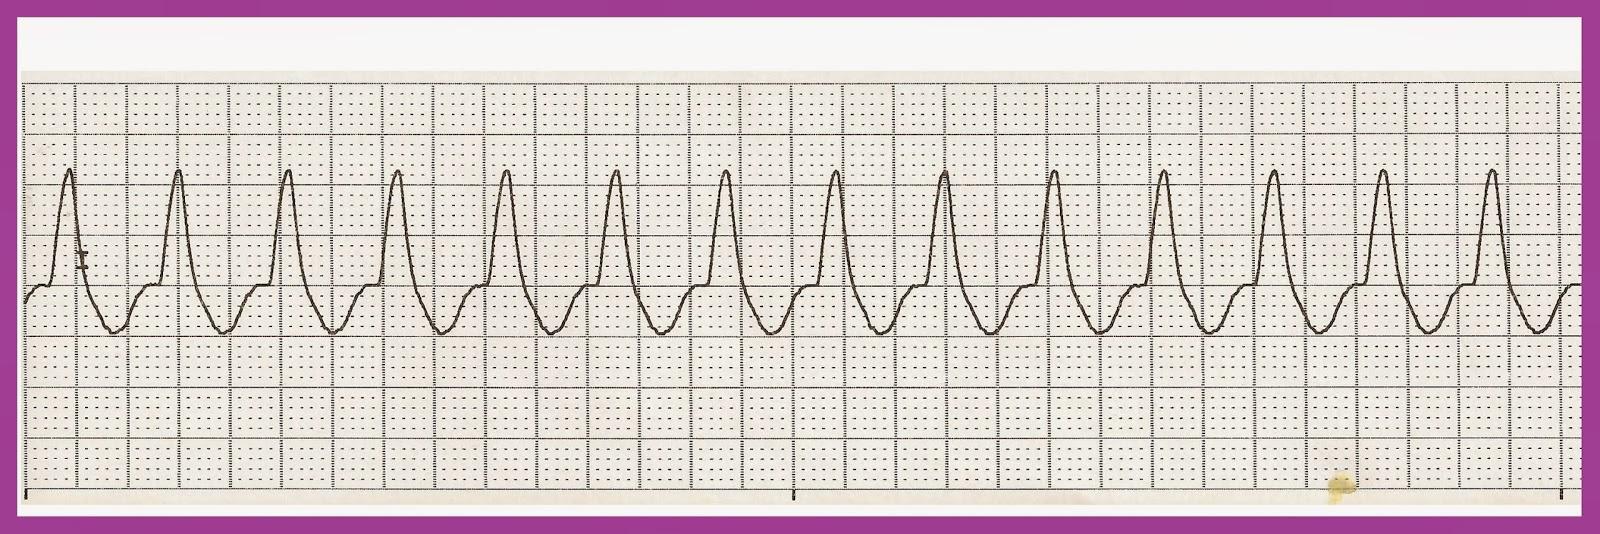 Float Nurse: EKG Rhythm Strip Quiz 190 Ventricular Tachycardia Rhythm Strip